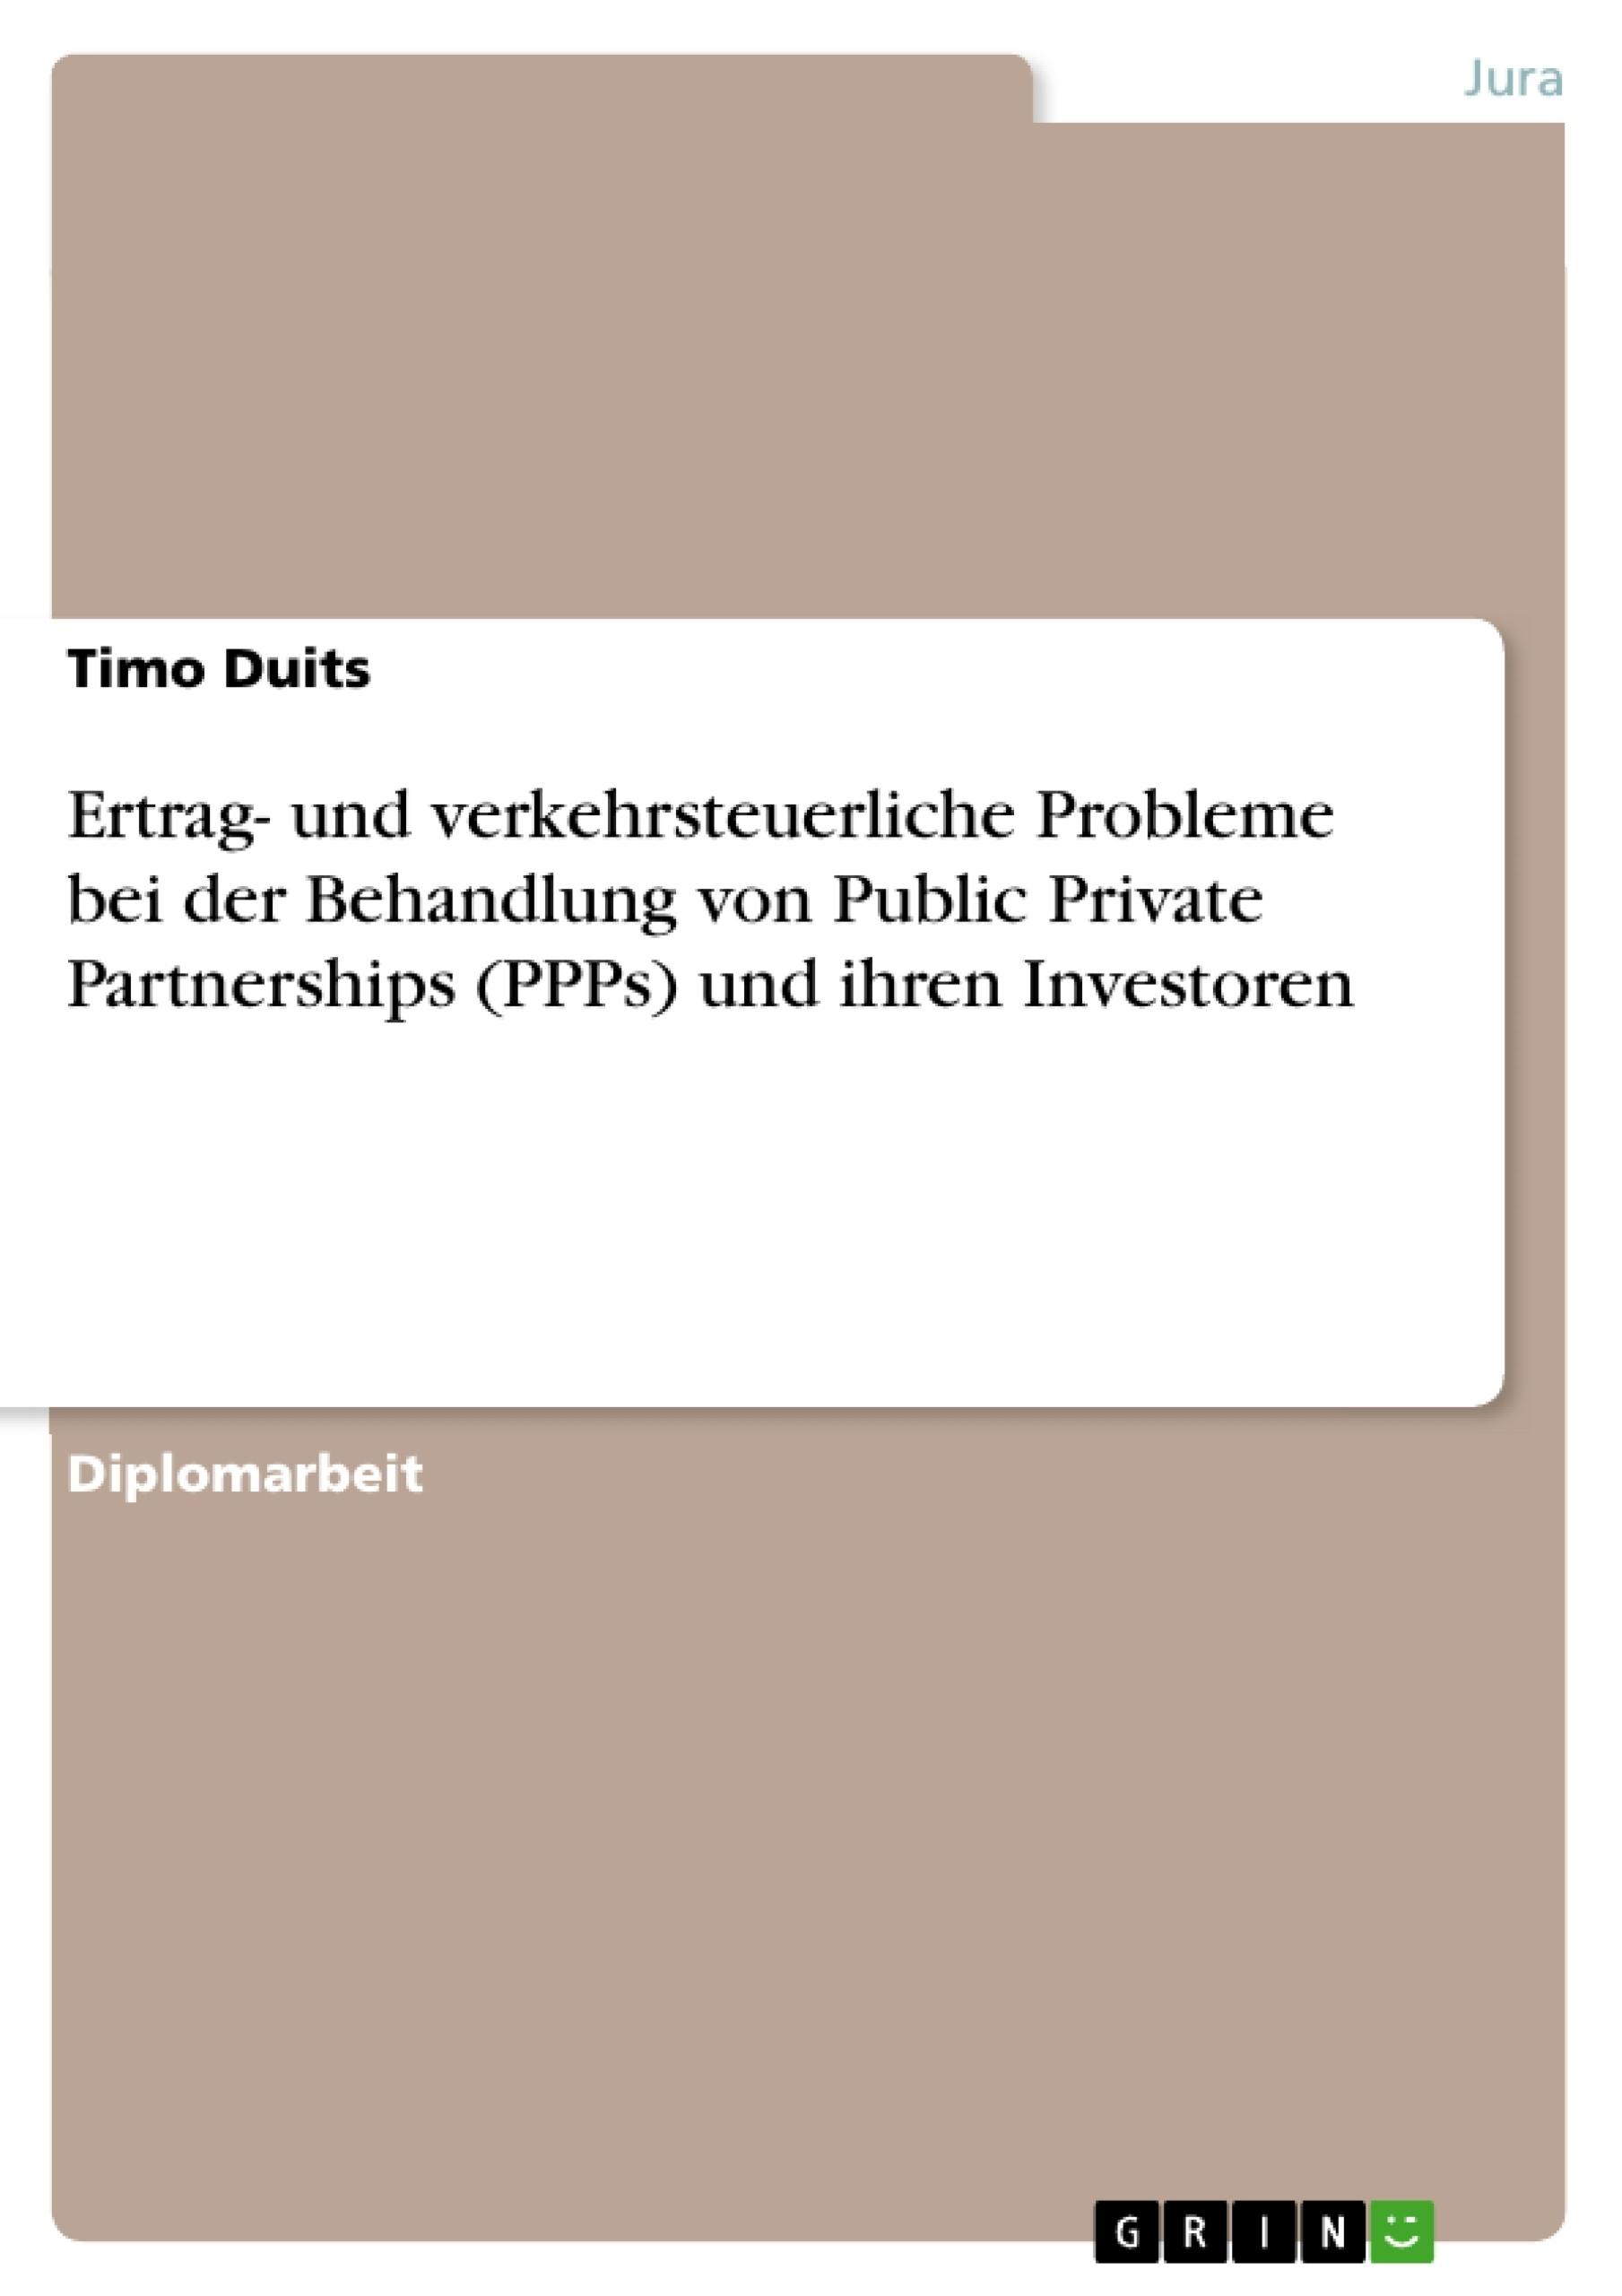 Titel: Ertrag- und verkehrsteuerliche Probleme bei der Behandlung von Public Private Partnerships (PPPs) und ihren Investoren